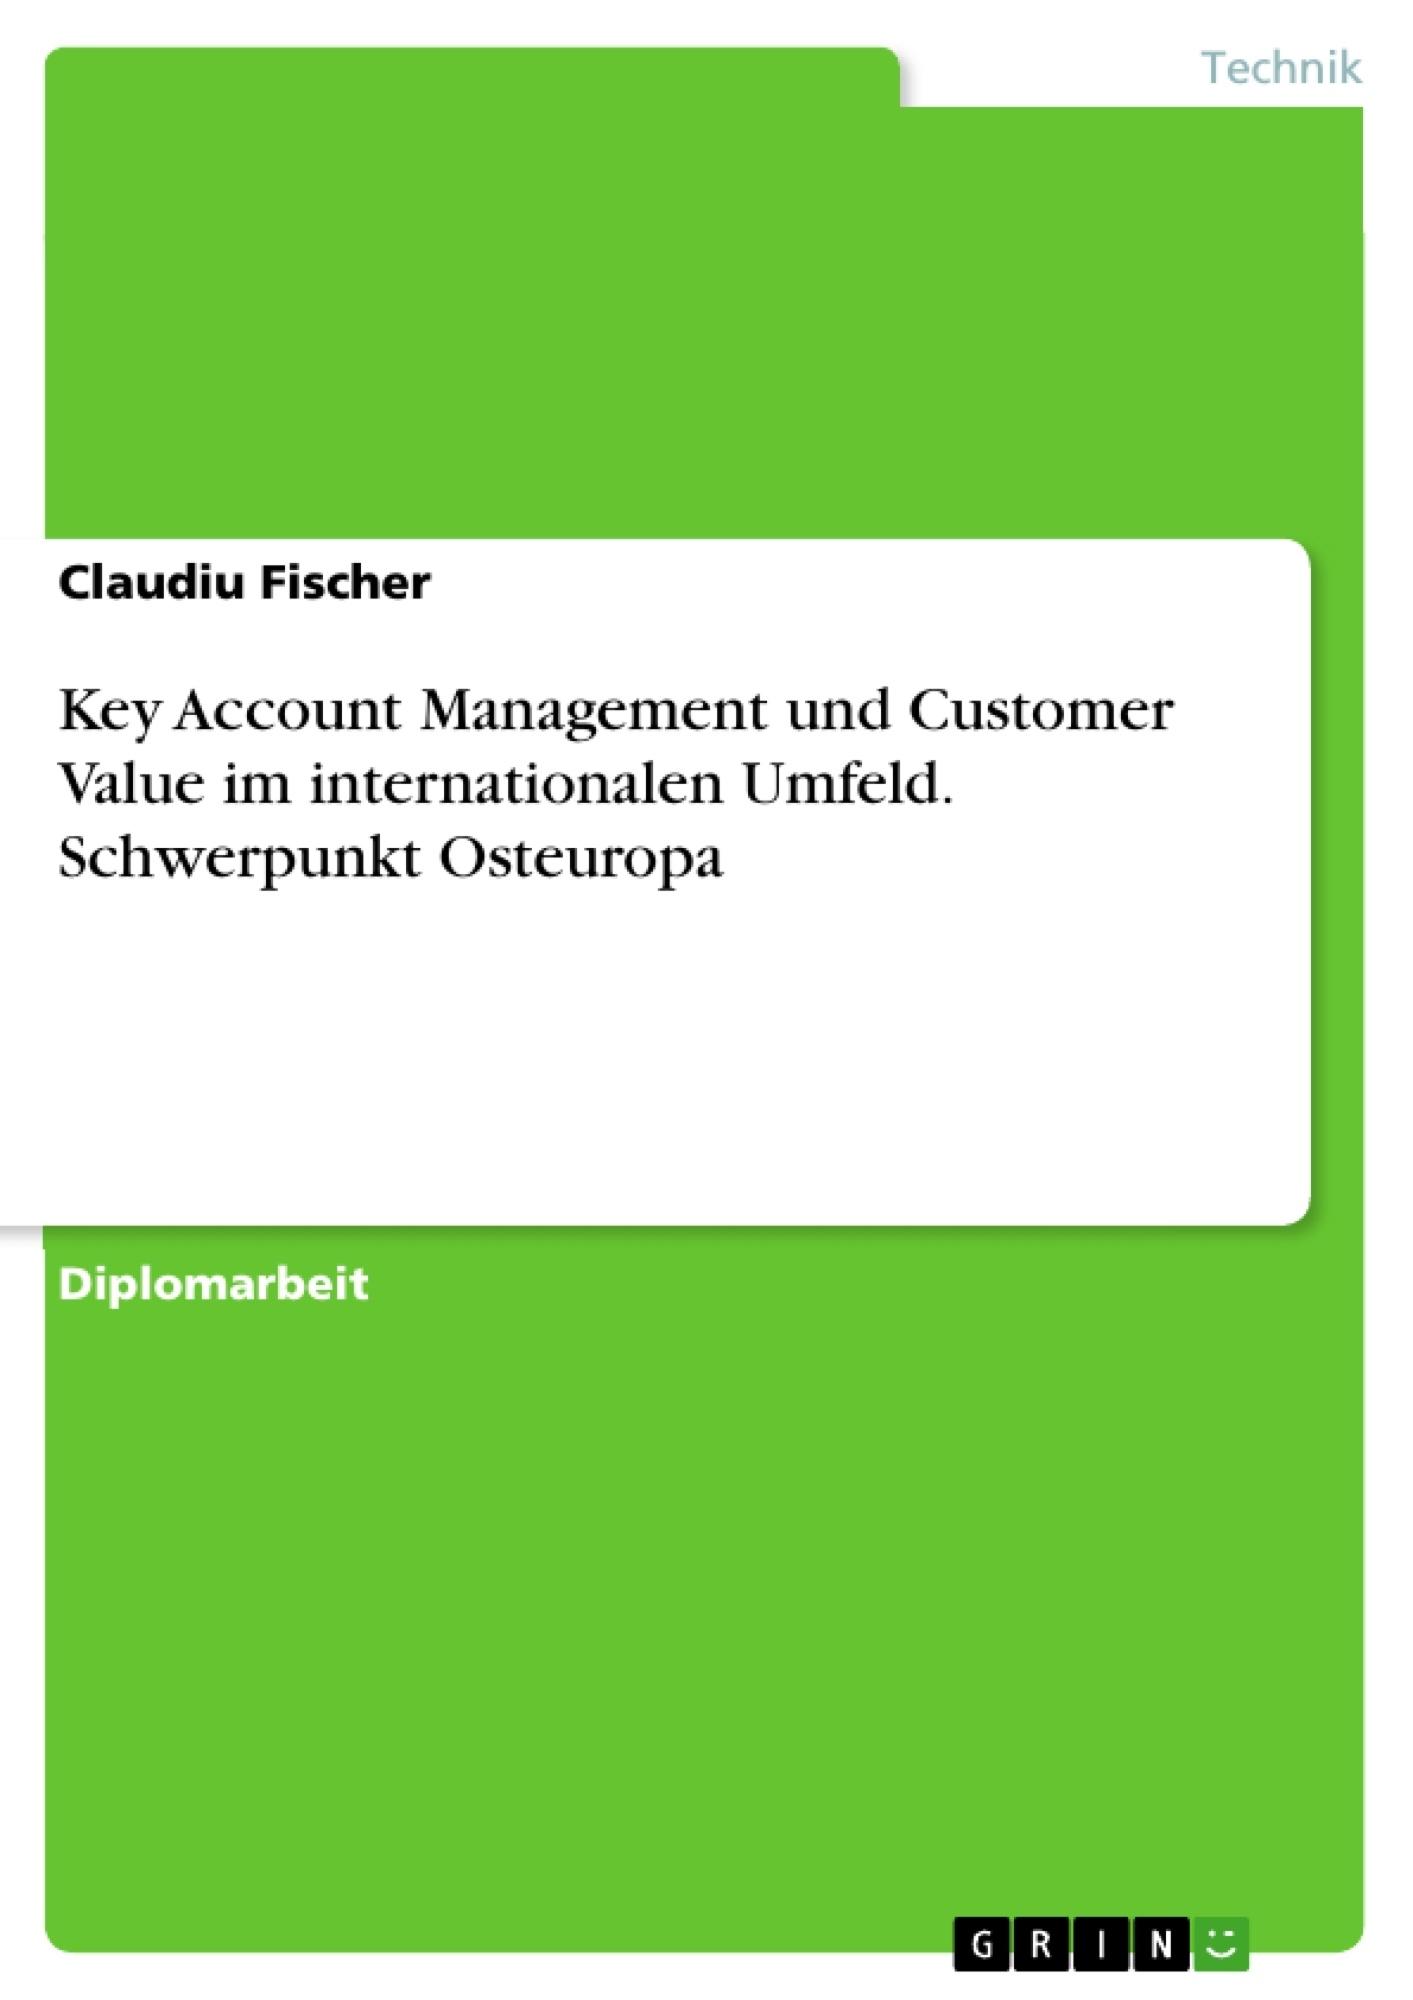 Titel: Key Account Management und Customer Value im internationalen Umfeld. Schwerpunkt Osteuropa